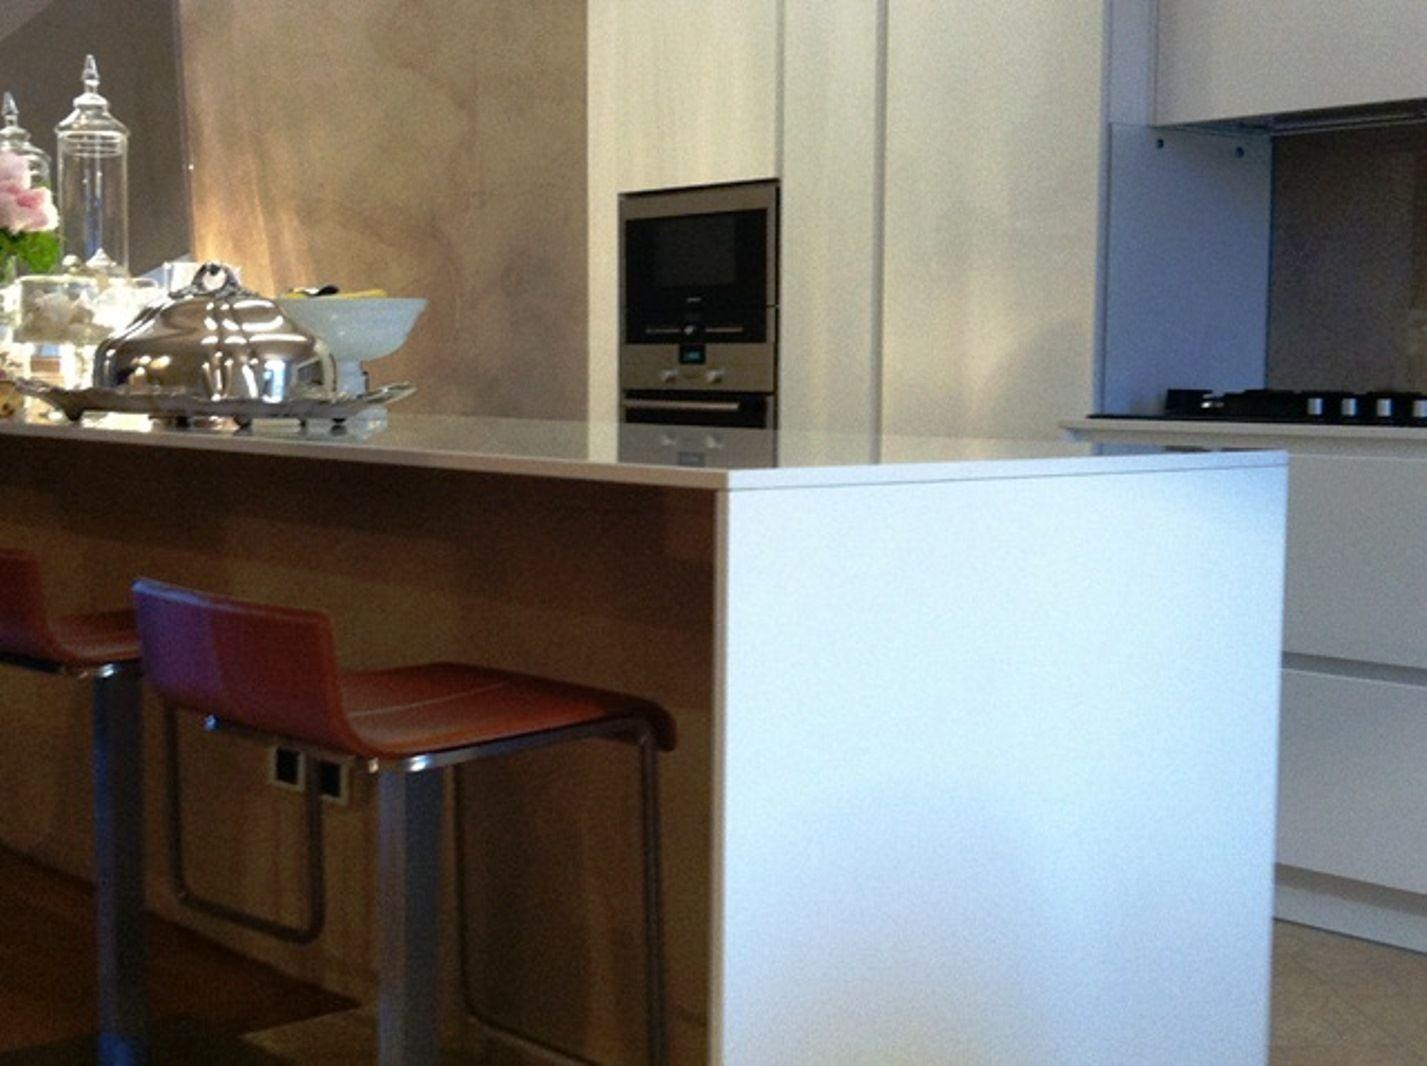 Cucina Moderna Bianca Laccata cucina moderna laccata bianca con penisola   come arredare